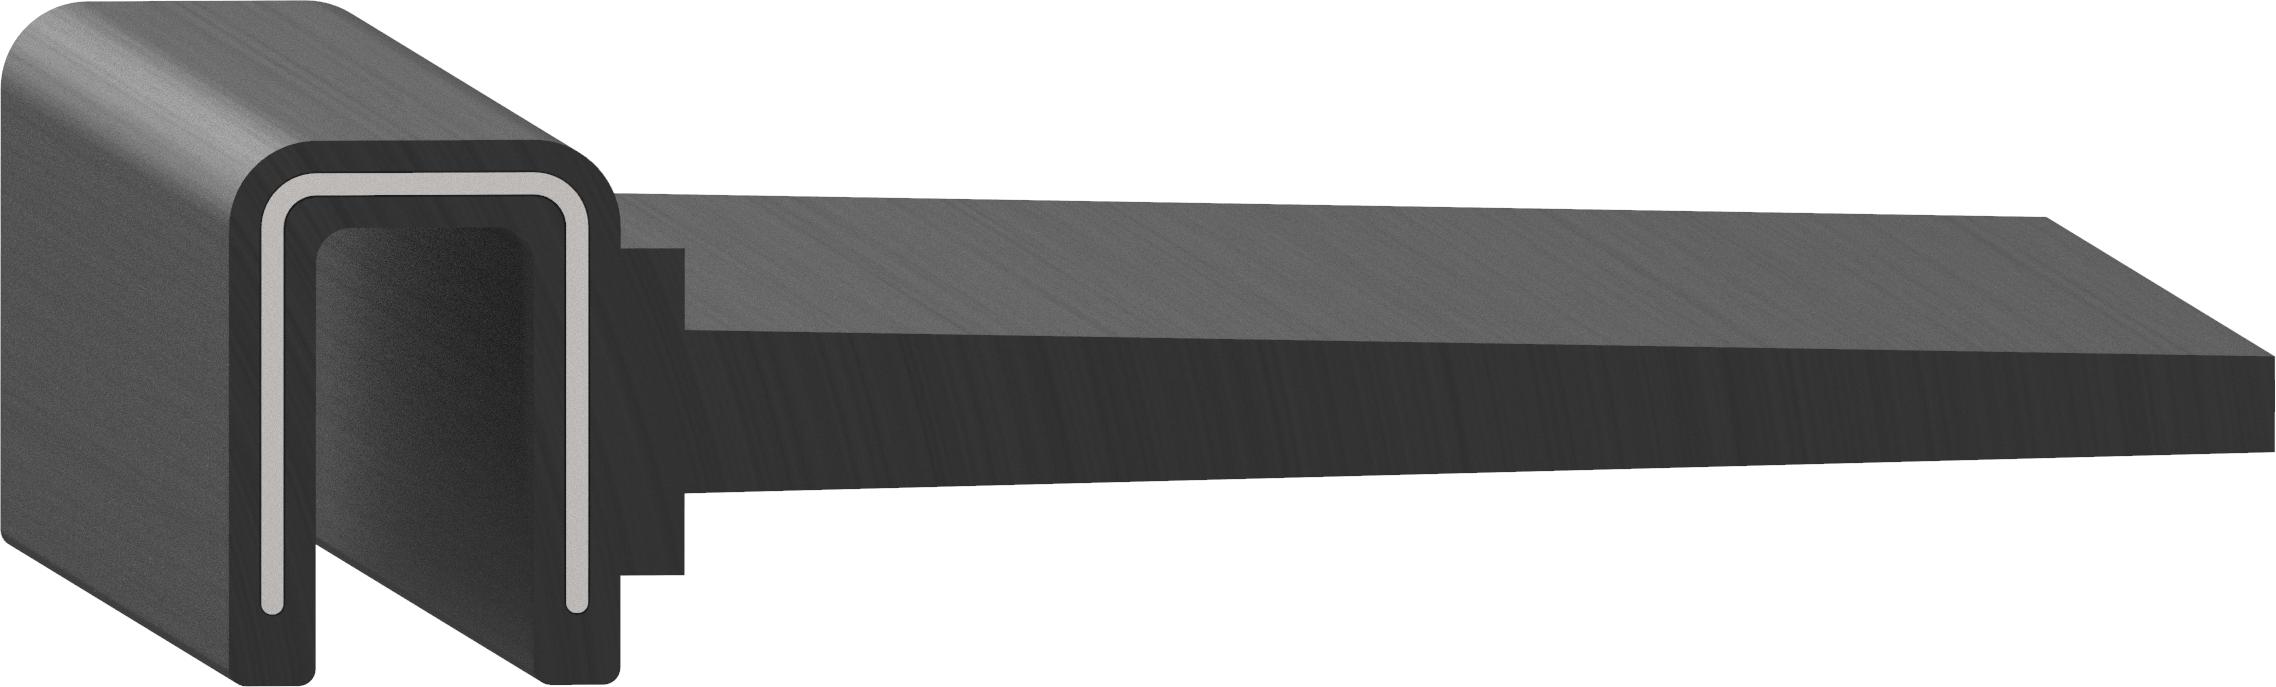 Uni-Grip part: FL-031